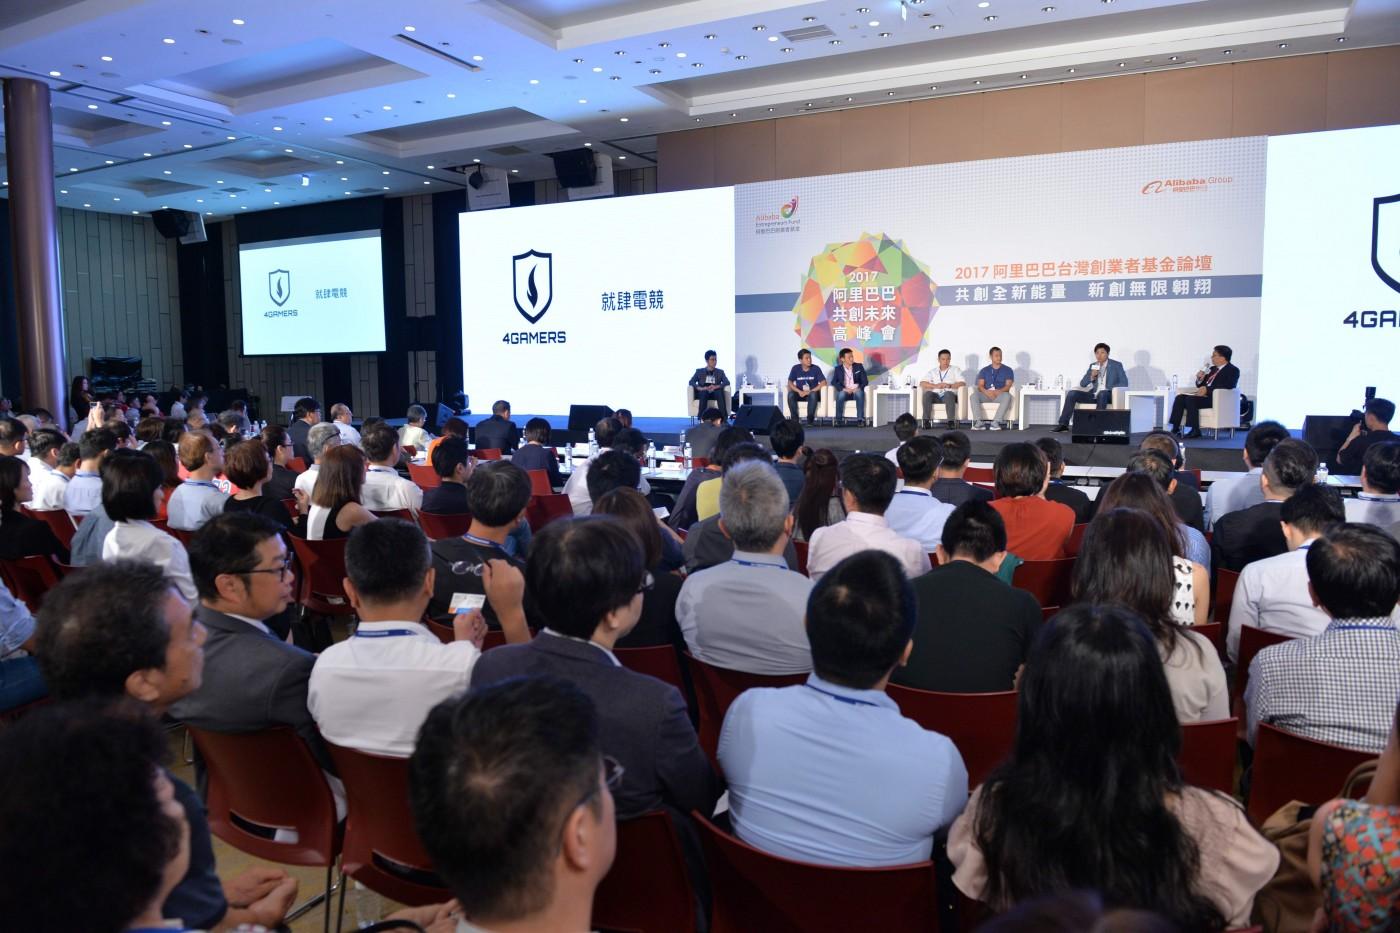 又有兩家台灣團隊獲得阿里巴巴創業者基金投資,可公開總投資家數為11+1